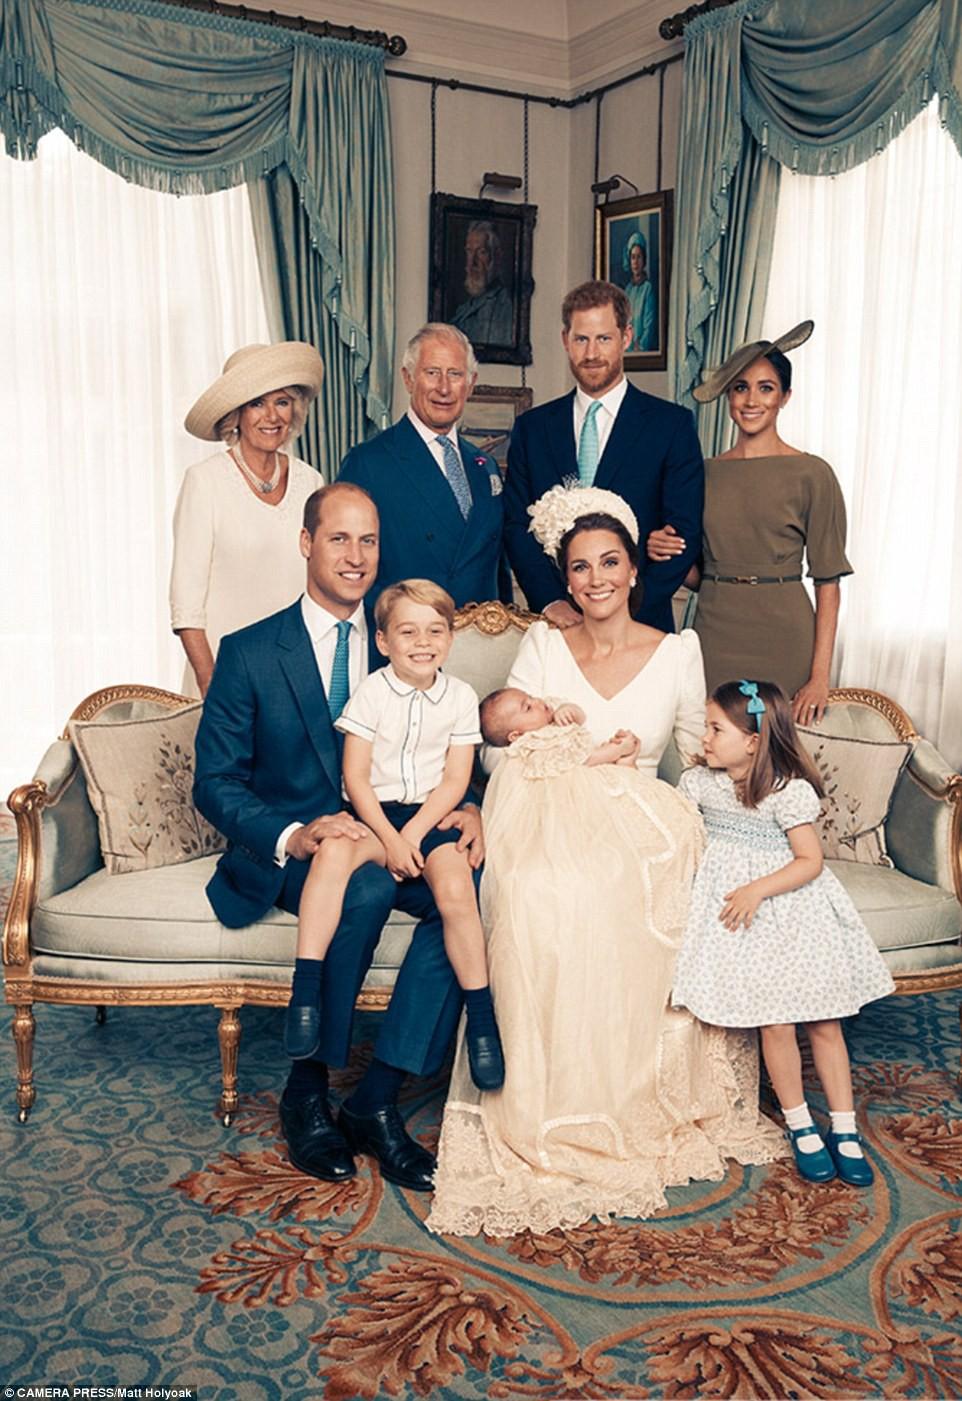 Meghan Markle bị cho là thích chơi trội khi diện váy lệch tông hoàn toàn so với Kate Middleton và mẹ chồng trong ảnh tập thể - Ảnh 1.